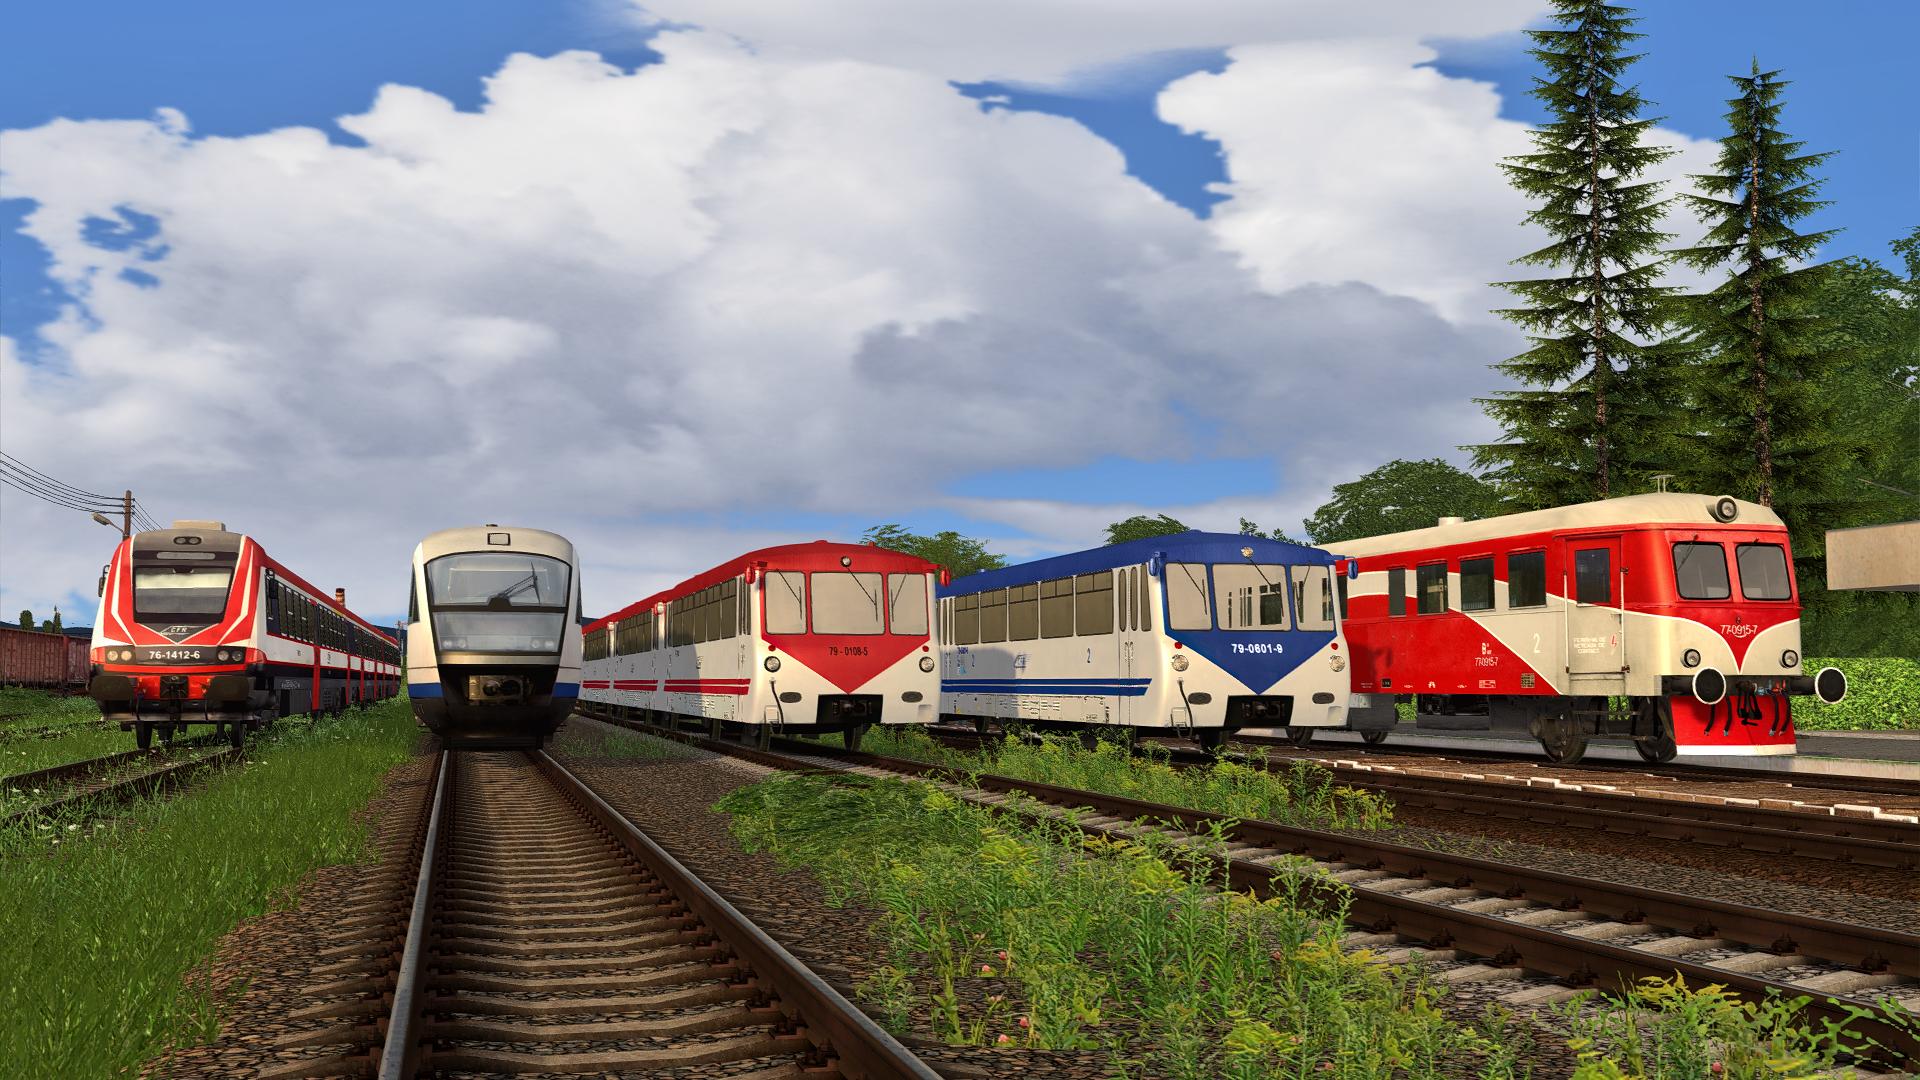 RailWorks64 2021-04-27 19-45-55